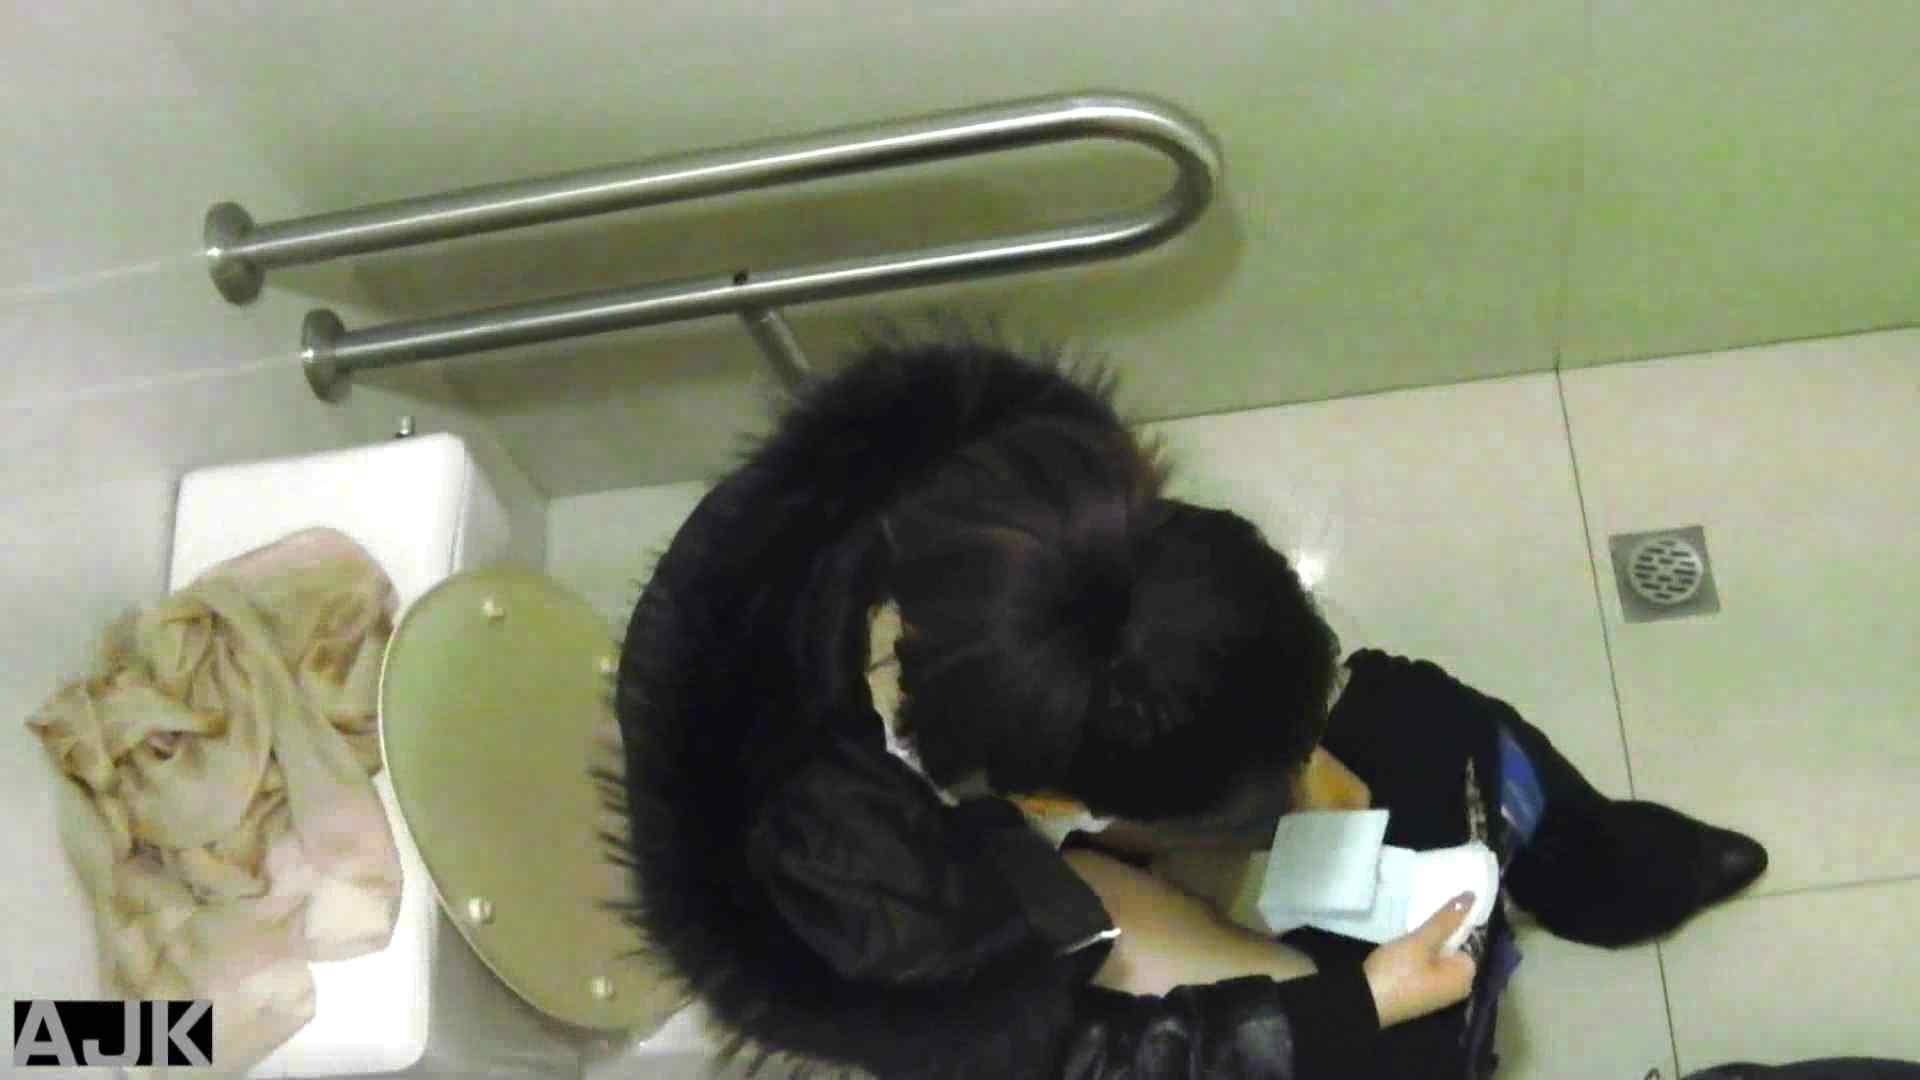 隣国上階級エリアの令嬢たちが集うデパートお手洗い Vol.19 OL   お手洗い  73連発 53